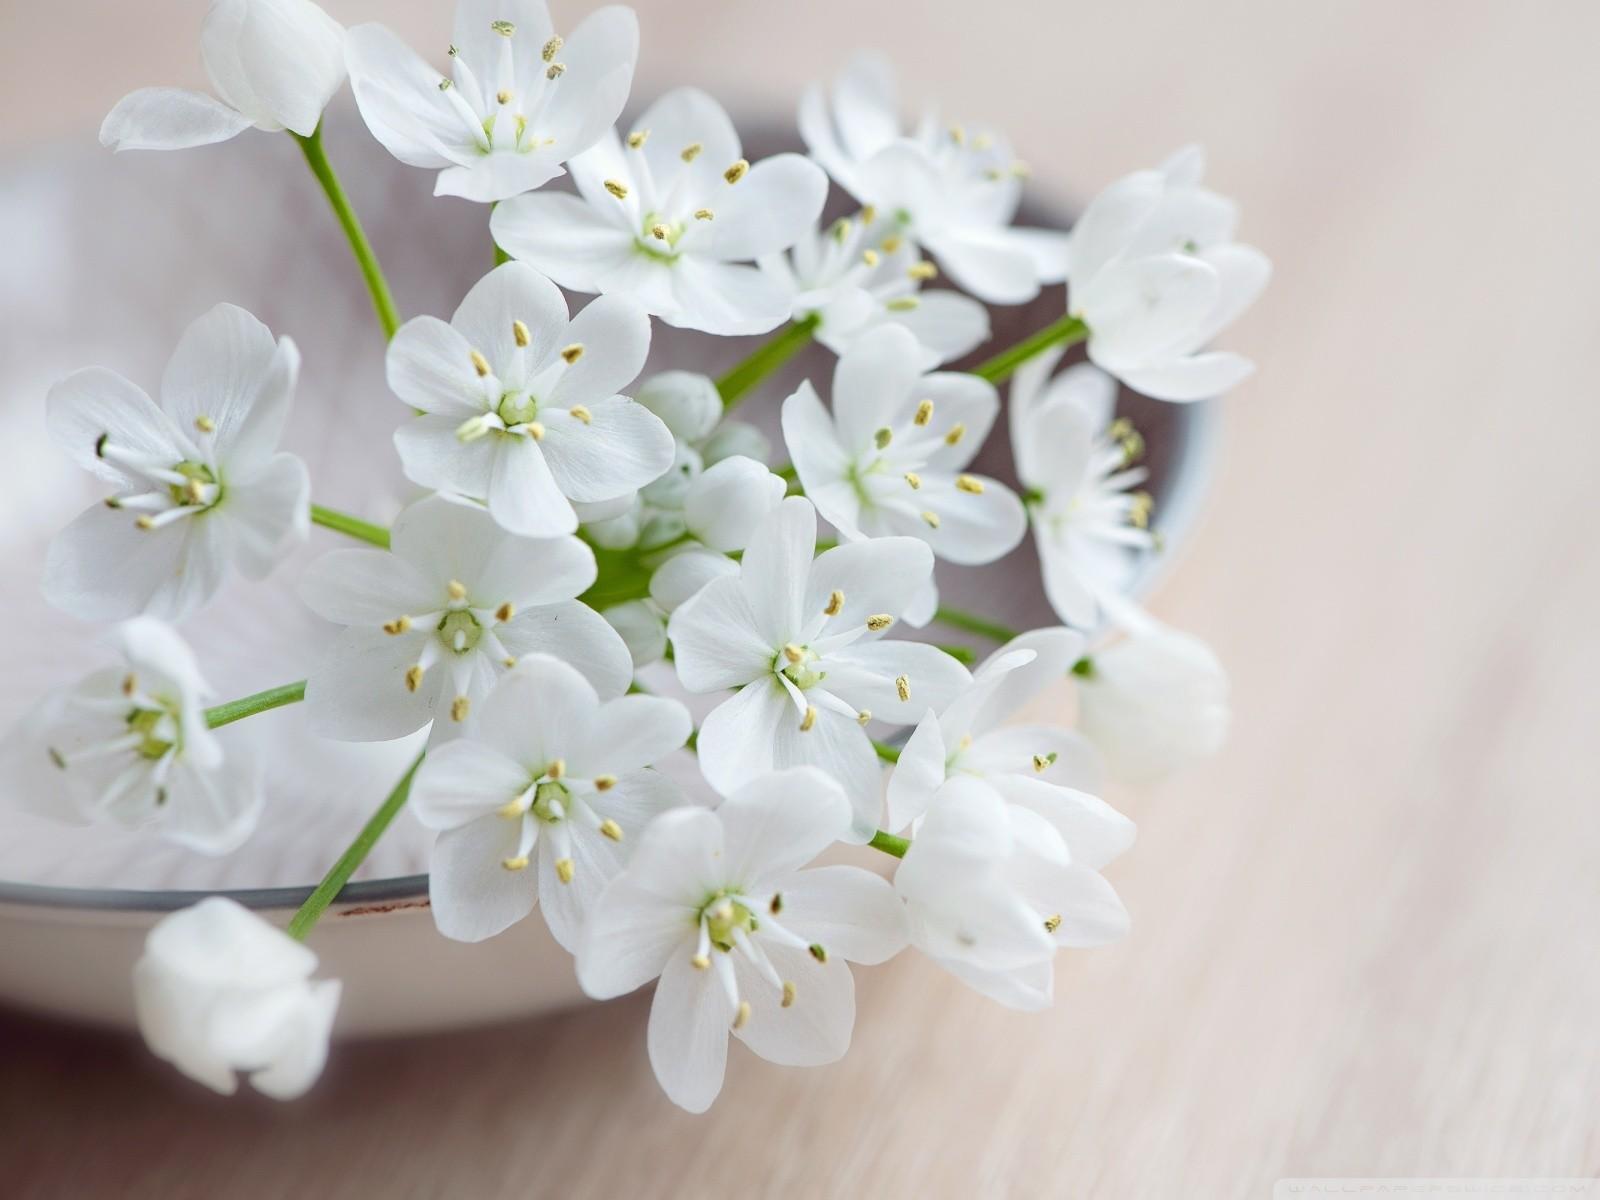 Free Spring Flowers Macro phone wallpaper by savannah41599